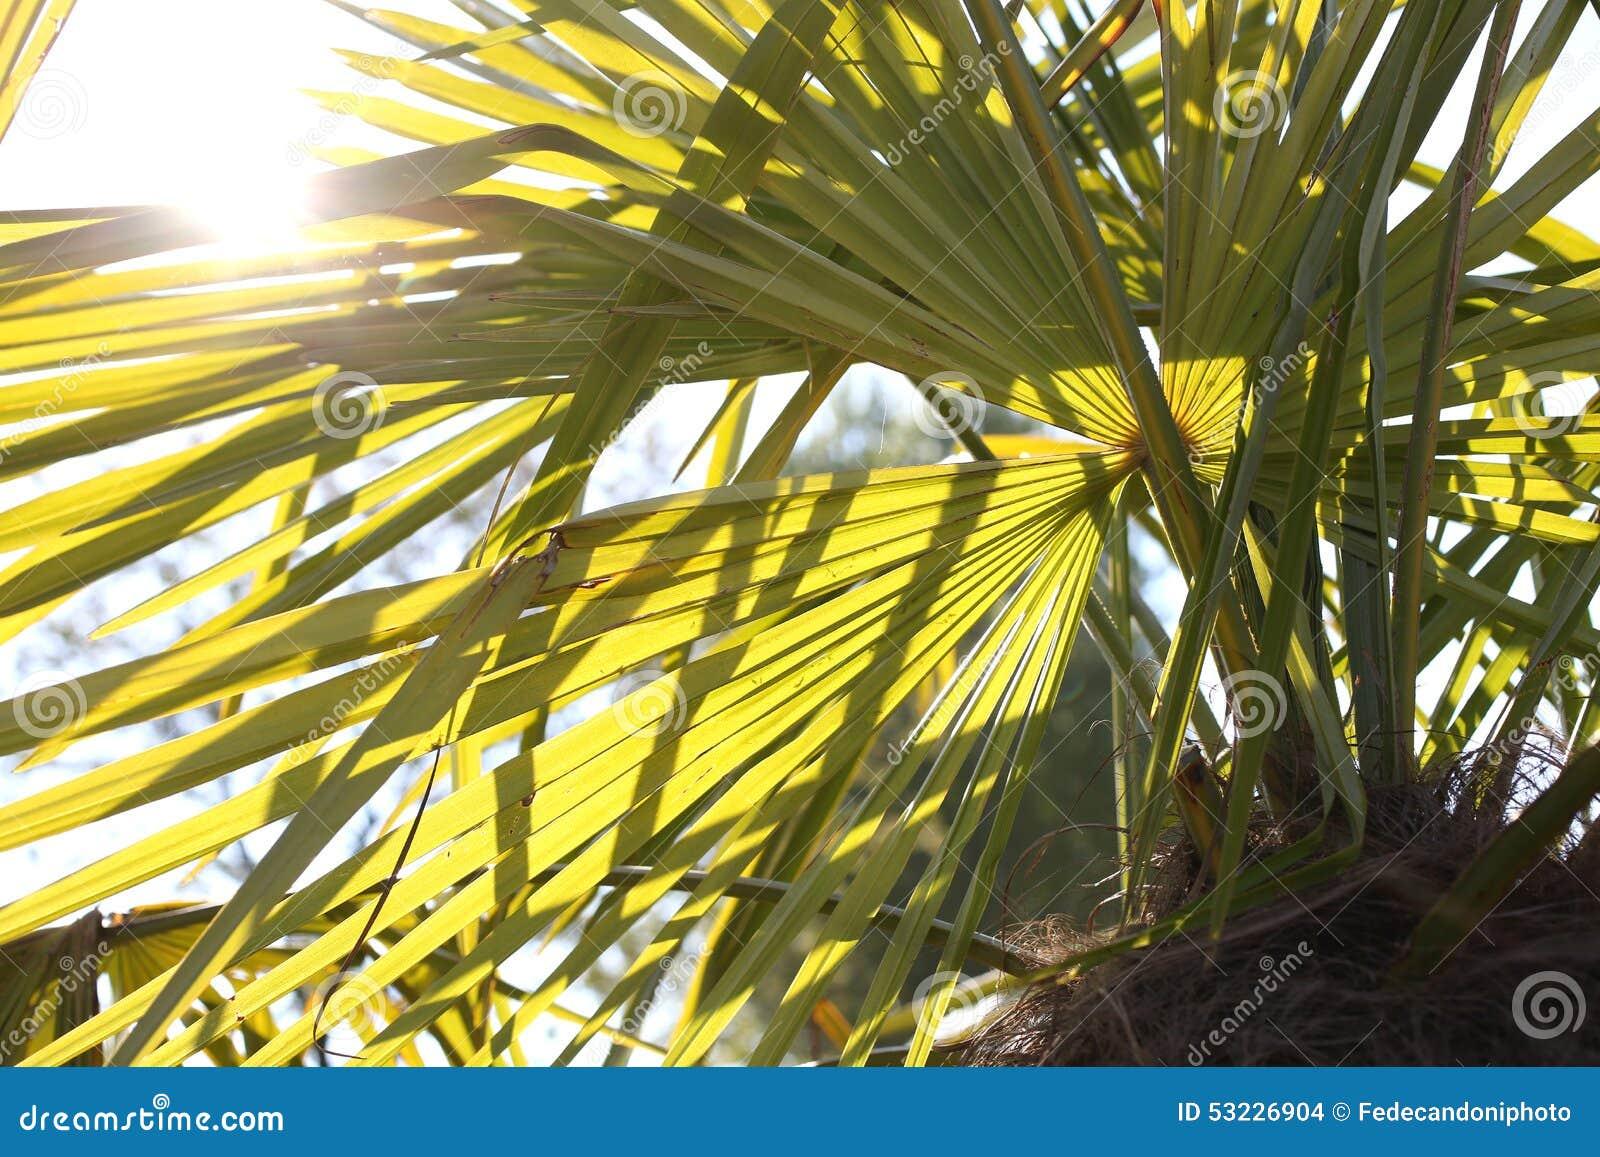 Palma con las hojas largas y el Sun alto